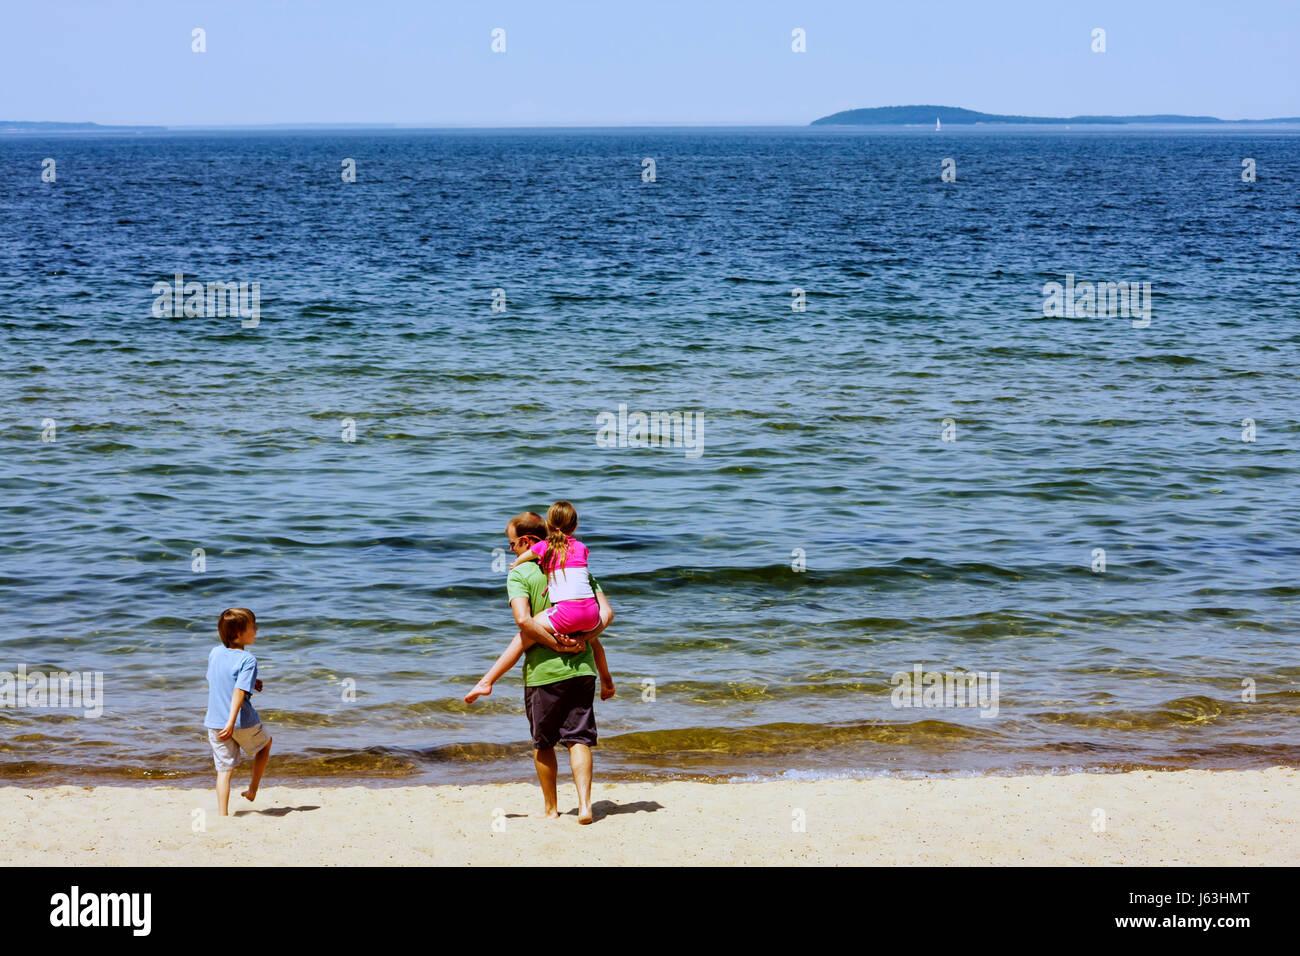 Michigan Traverse City West Arm Grand Traverse Bay Clinch Park uomo ragazza ragazzo genitore bambino spiaggia acqua Immagini Stock